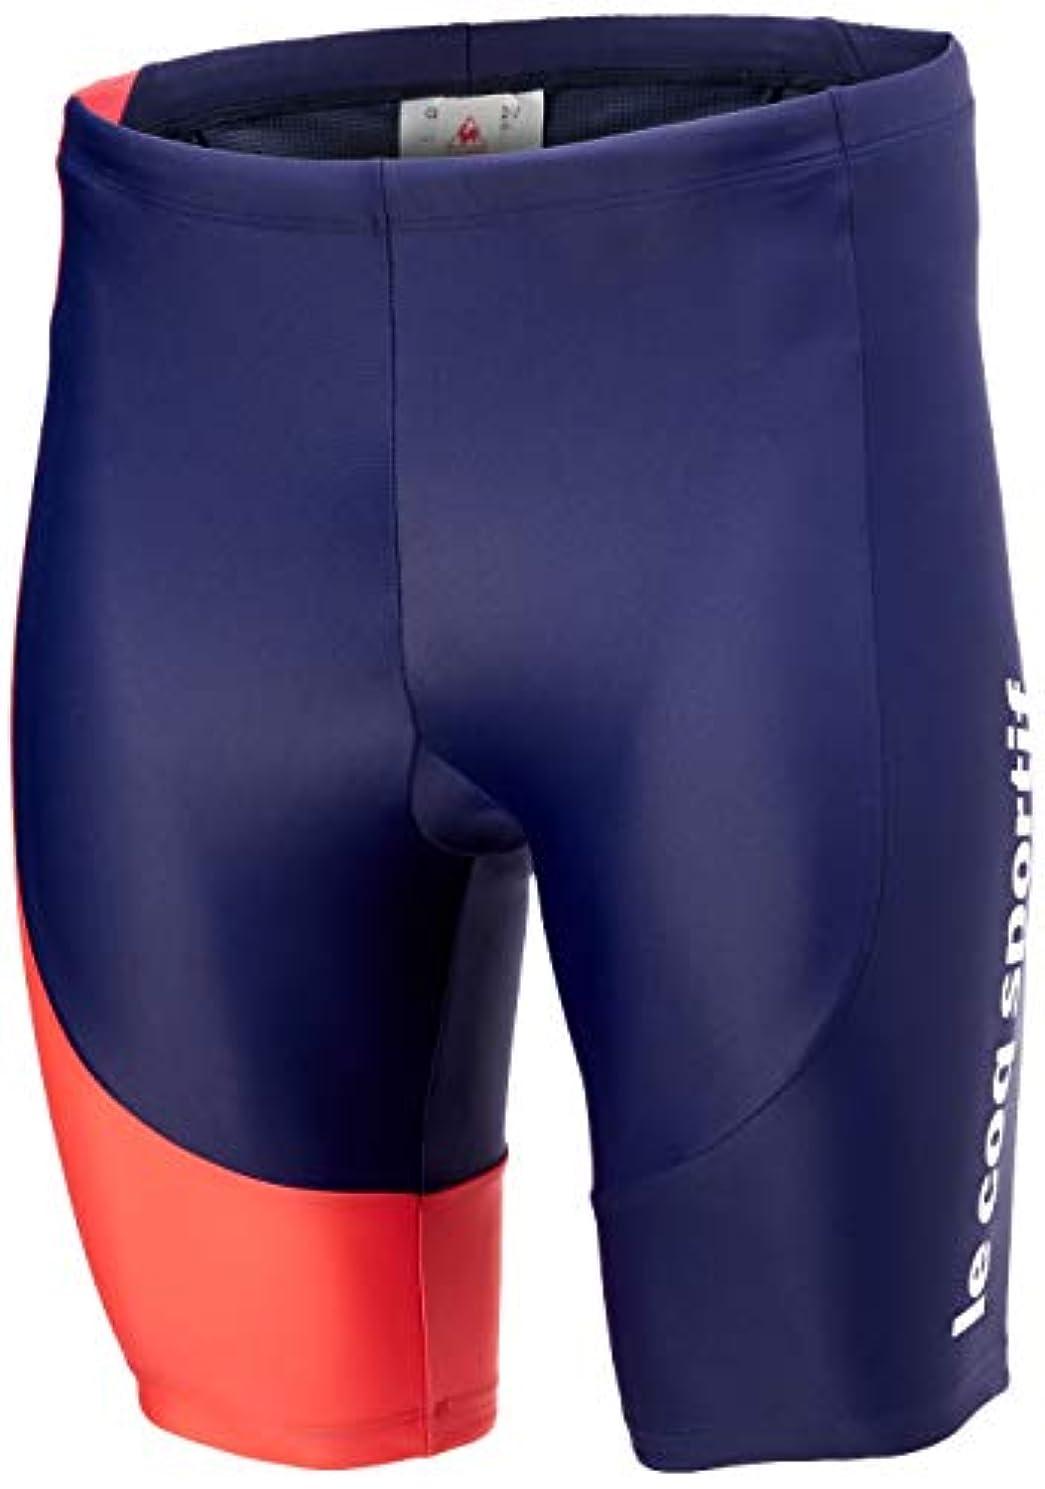 どのくらいの頻度で記念名前を作る[ルコックスポルティフ] ショートパンツ/Short Pants サイクリングパッド,再帰反射,UPF50+